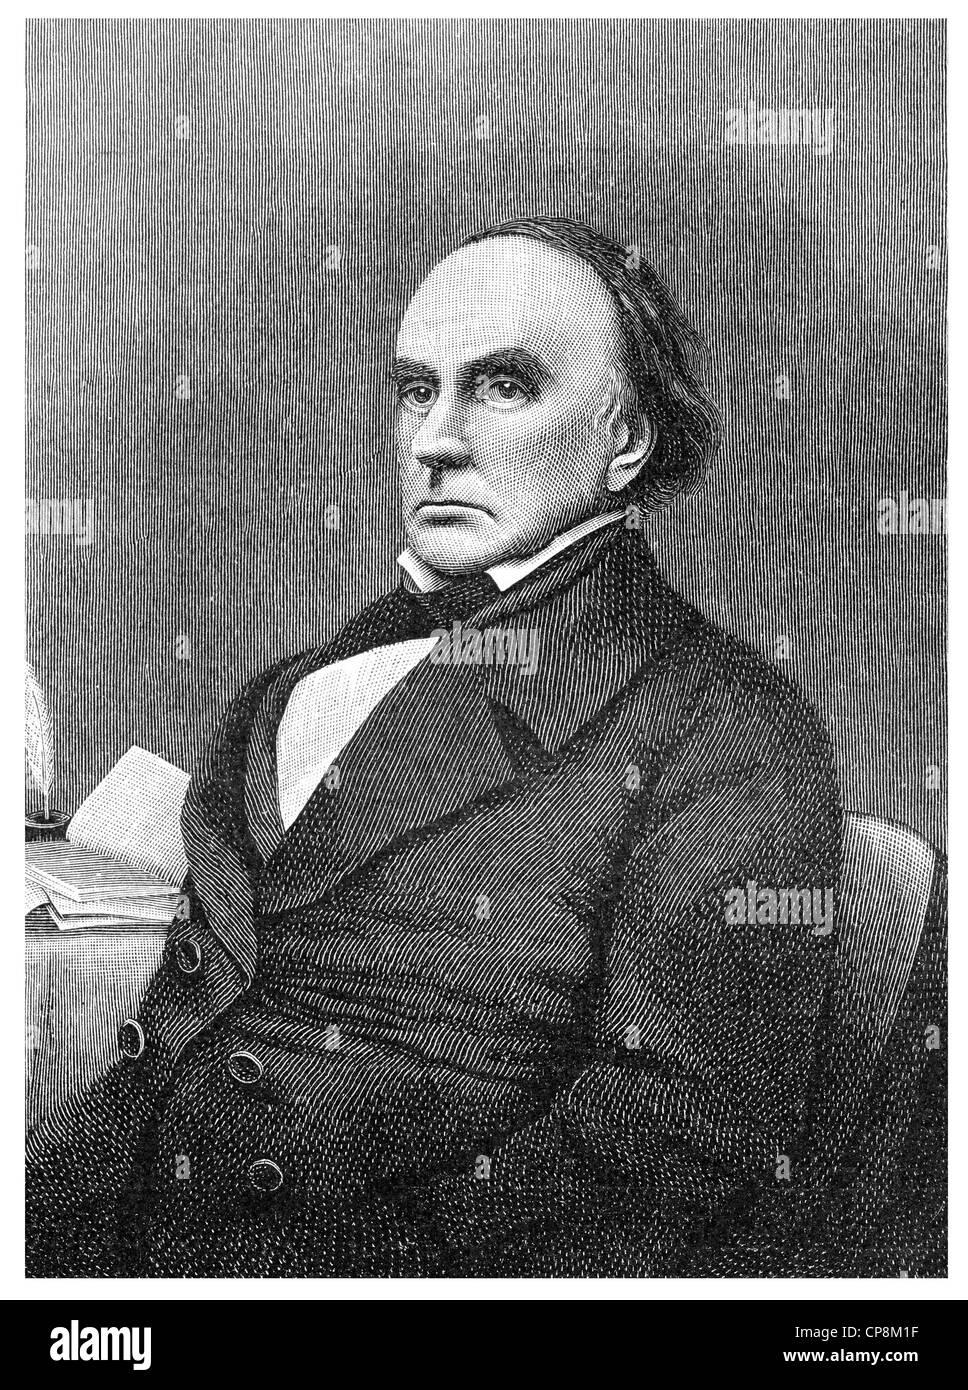 Daniel Webster, 1782 - 1852, an American statesman and jurist, Historische Zeichnung aus dem 19. Jahrhundert, Portrait - Stock Image